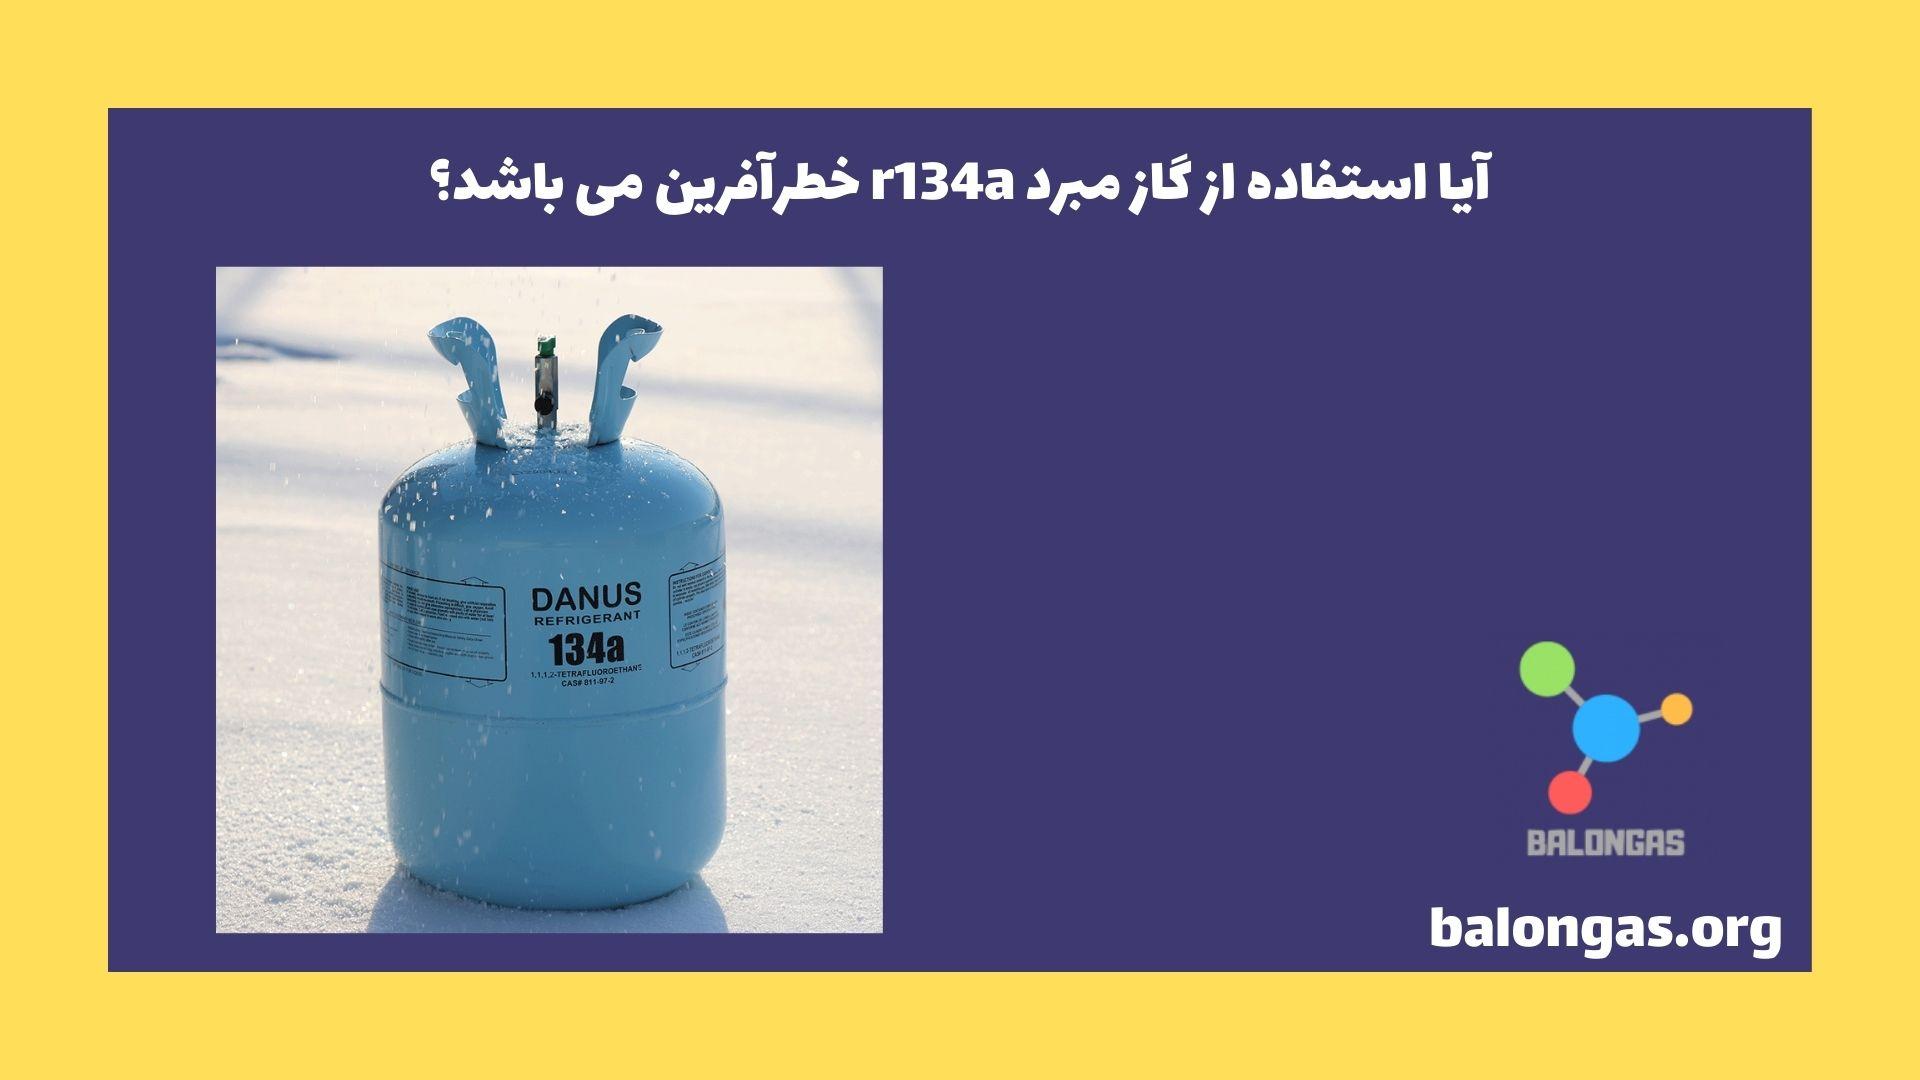 آیا استفاده از گاز مبرد r134a خطرآفرین می باشد؟